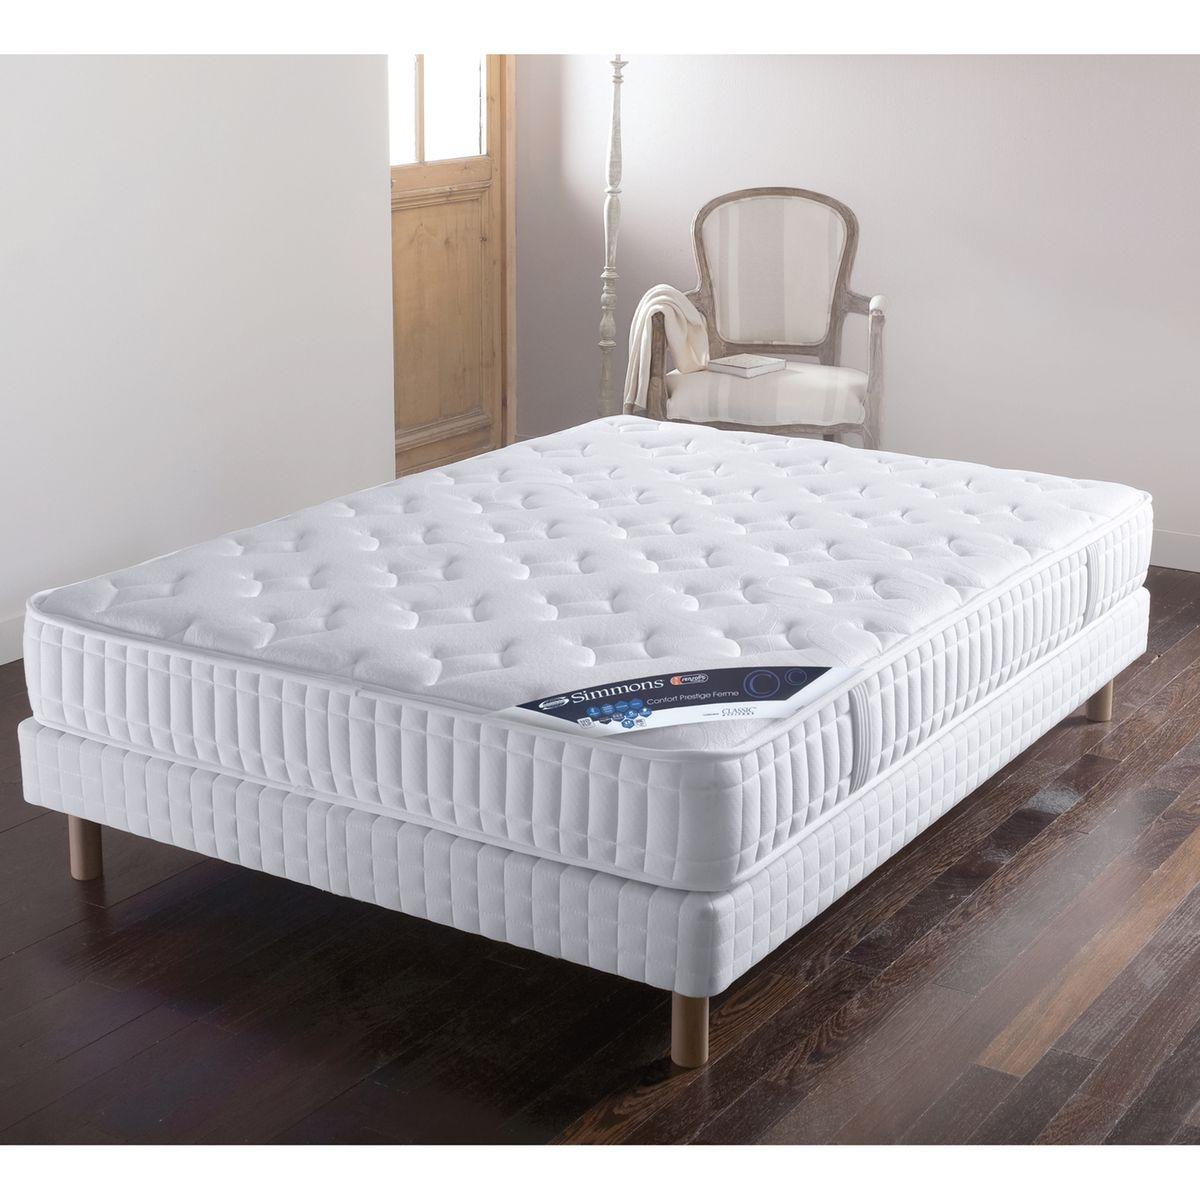 d co maison simmons jusqu 42 soldes deuxi me d marque. Black Bedroom Furniture Sets. Home Design Ideas